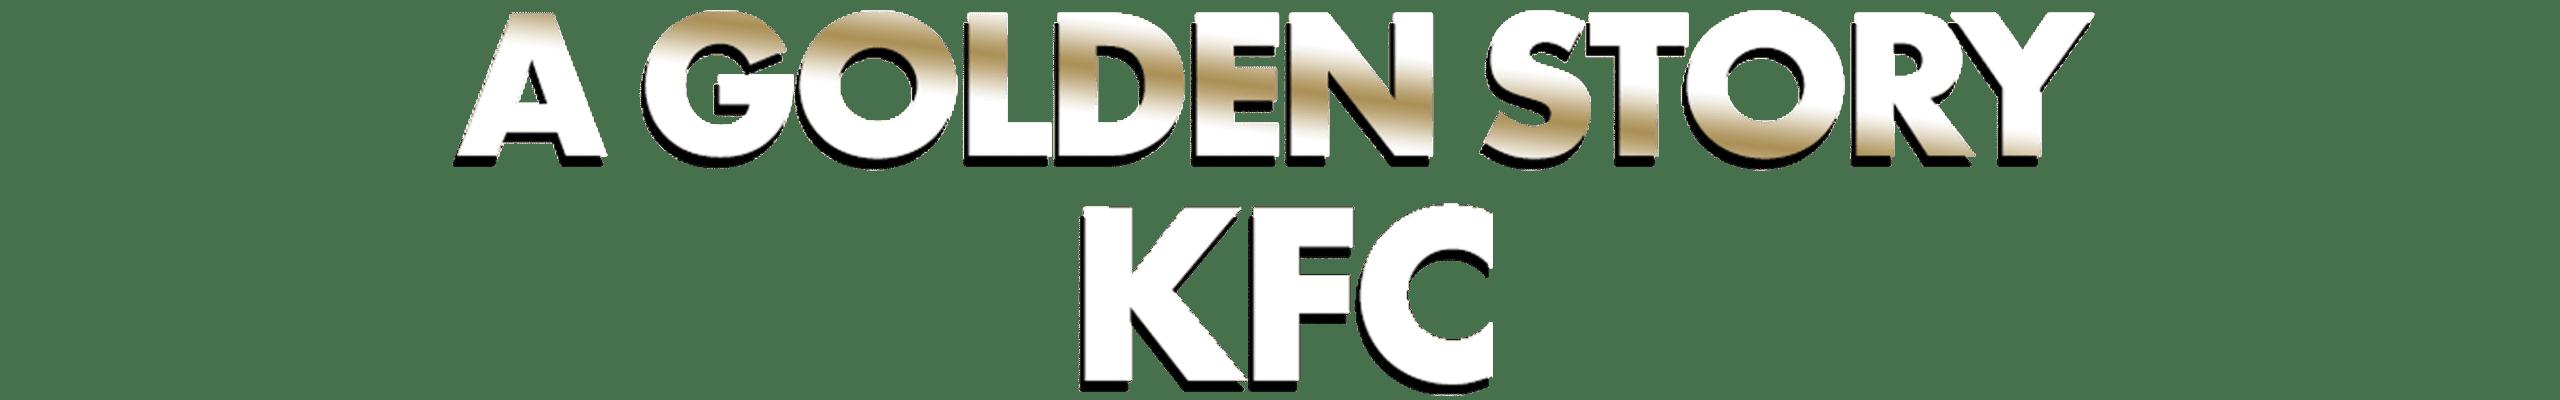 Kentucky Fried Chicken Success Story